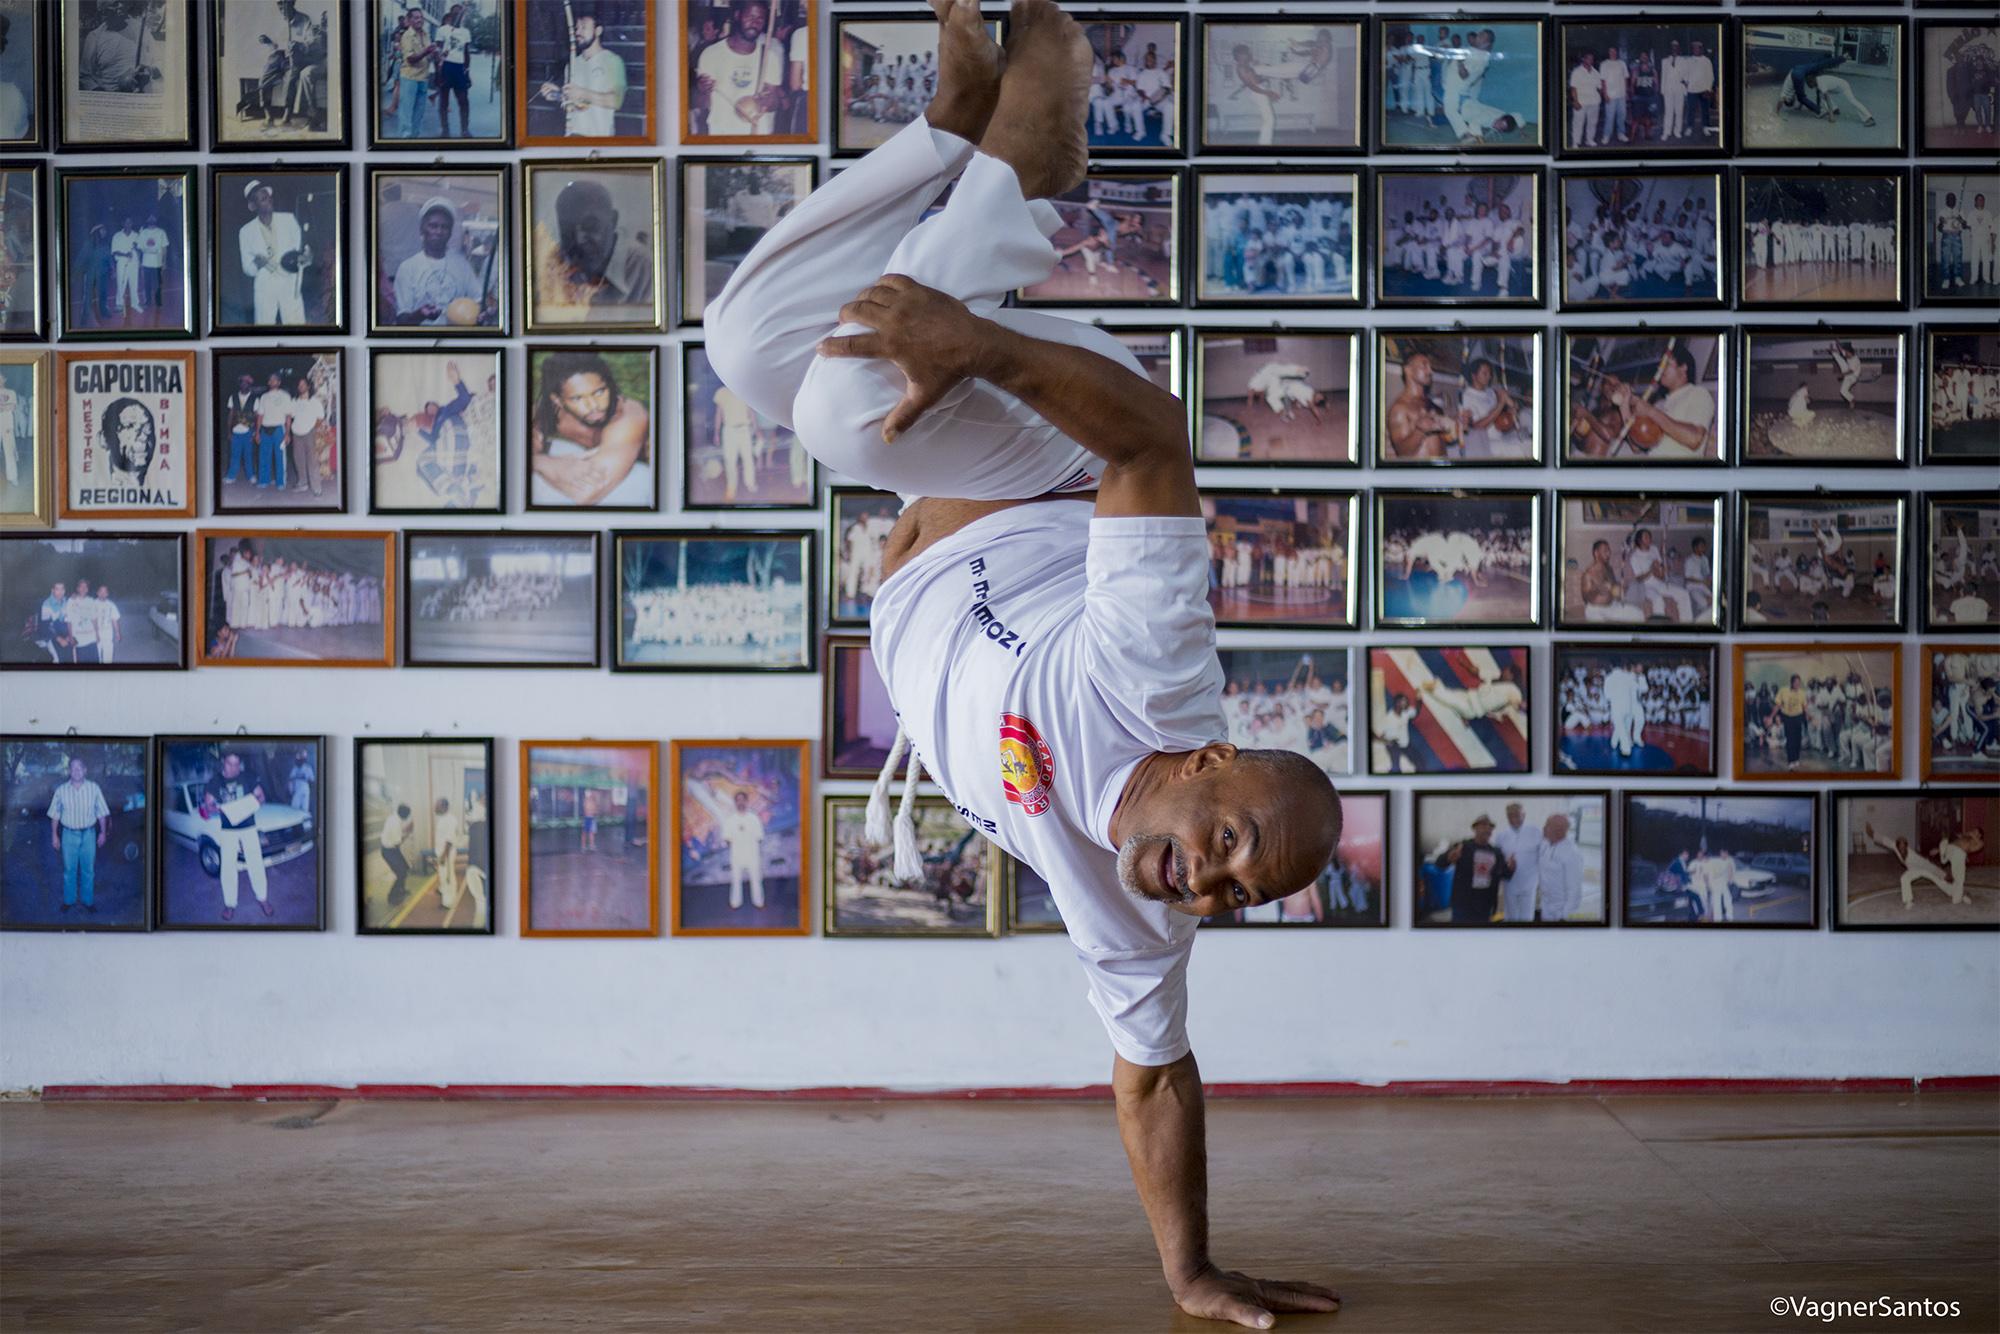 Dia 7/10 tem aula de capoeira com o mestre Jaguara, pelo projeto Vem Aprender